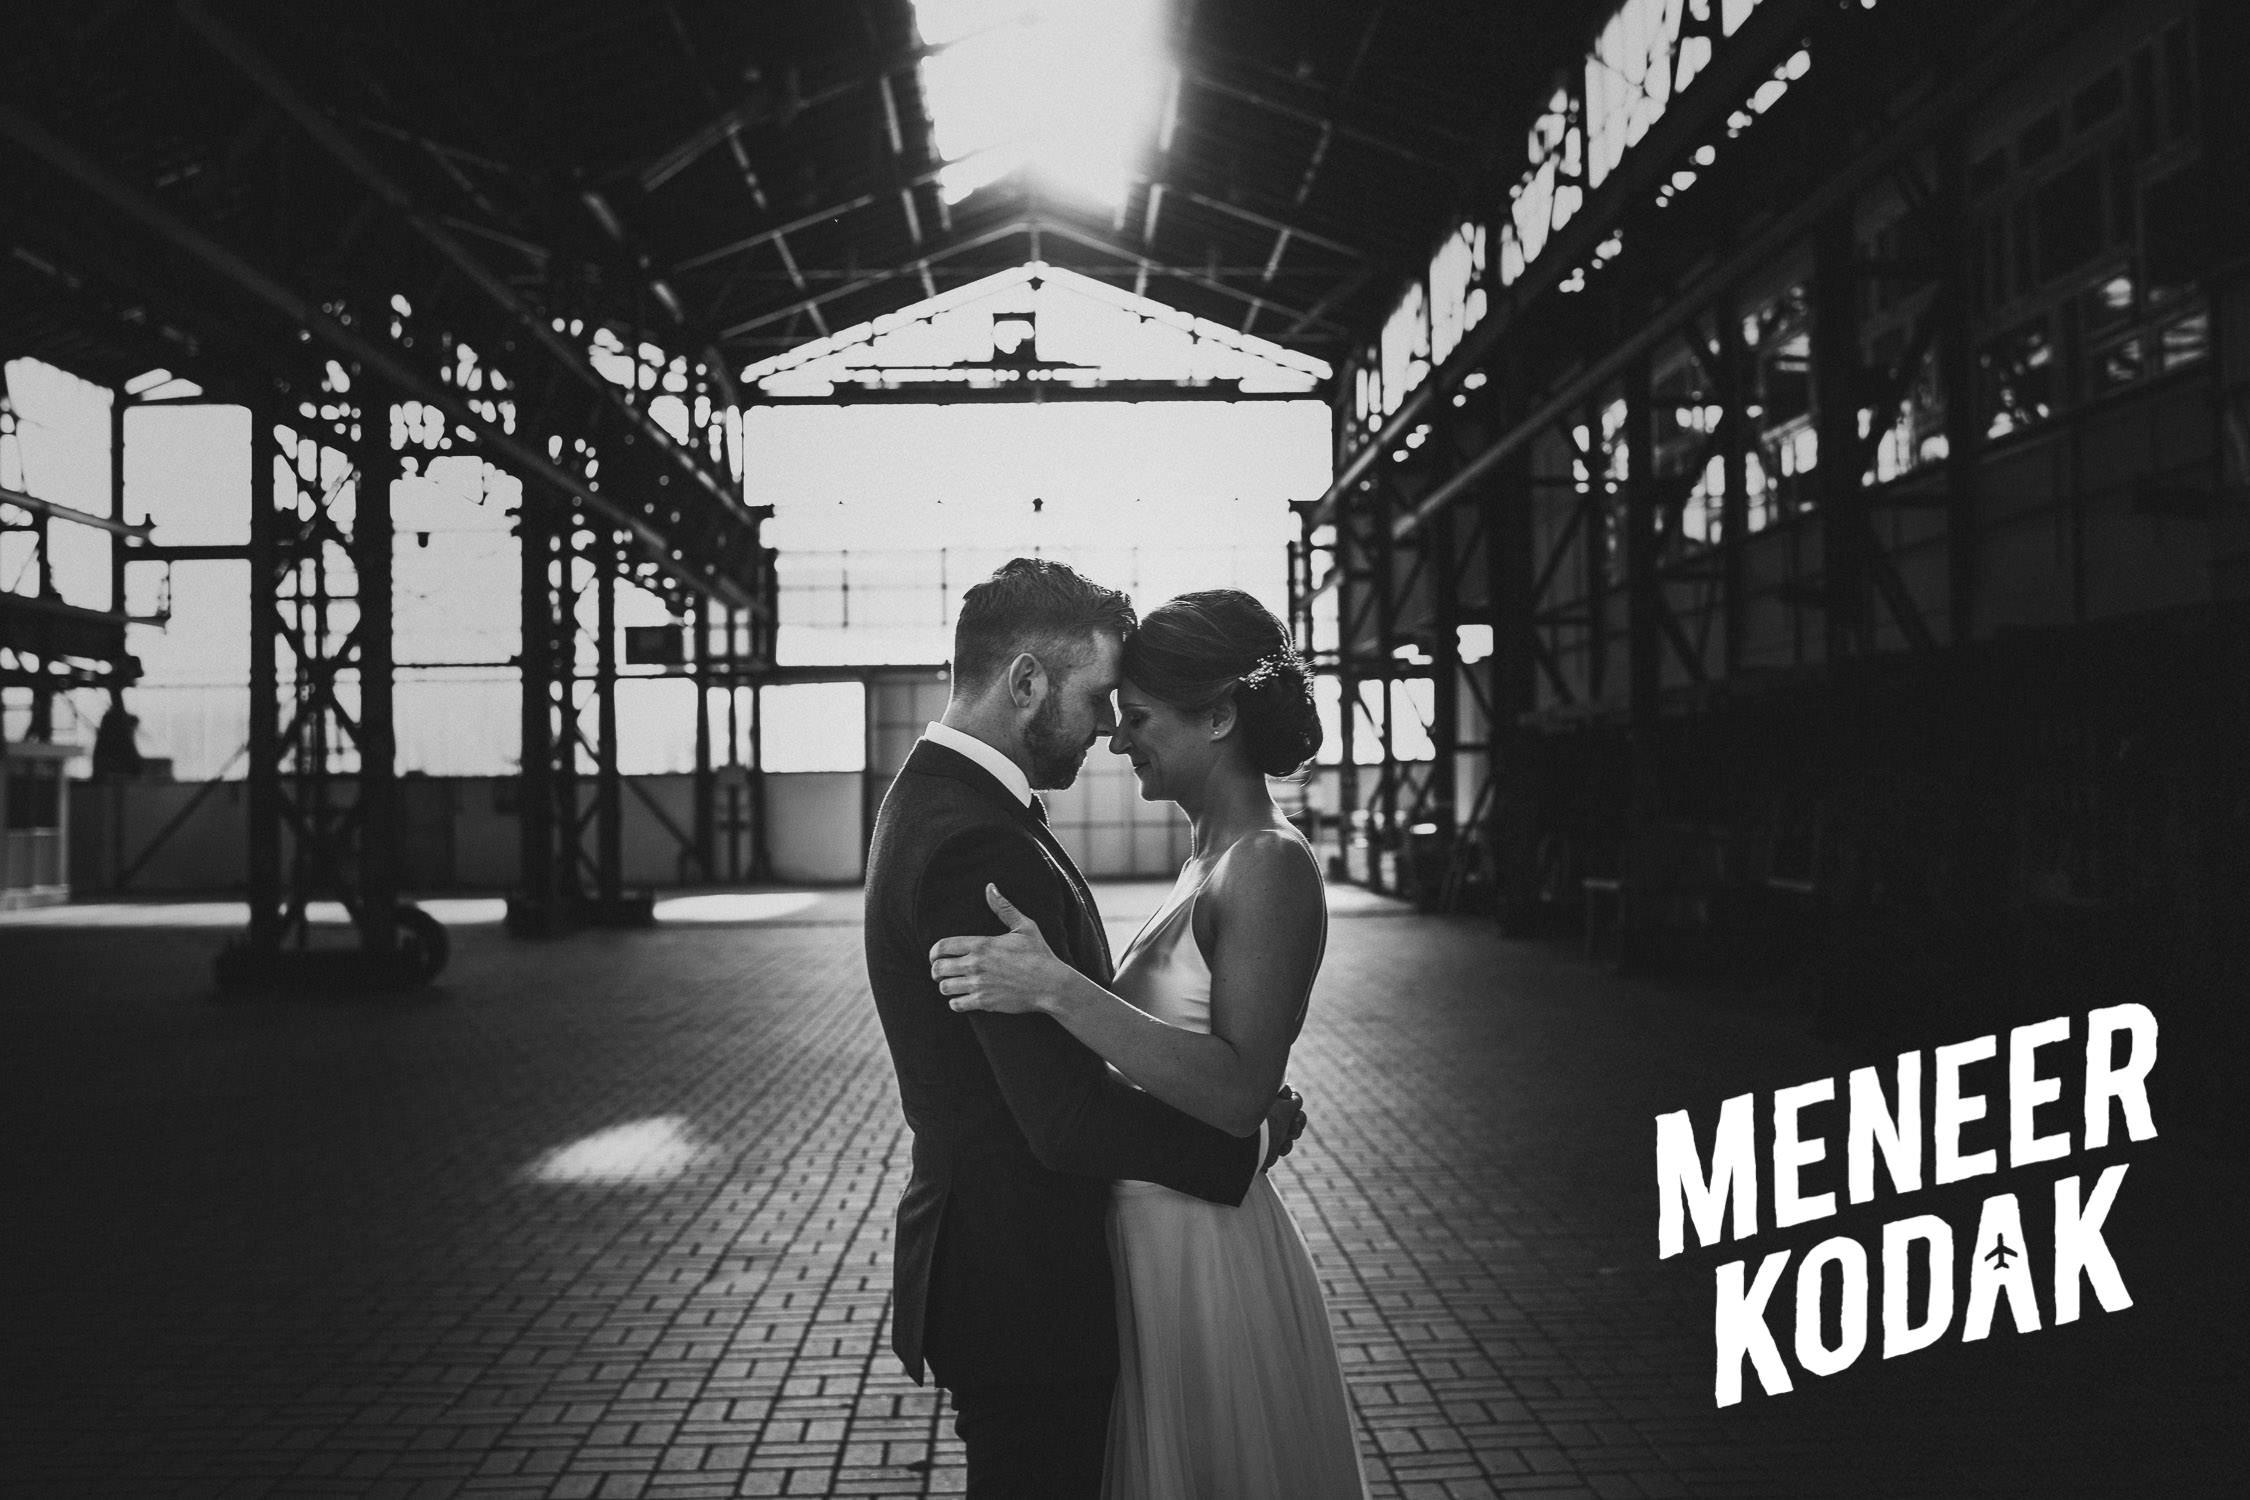 Meneer Kodak - Bruidsfotograaf - Breda - S&R-071.jpg